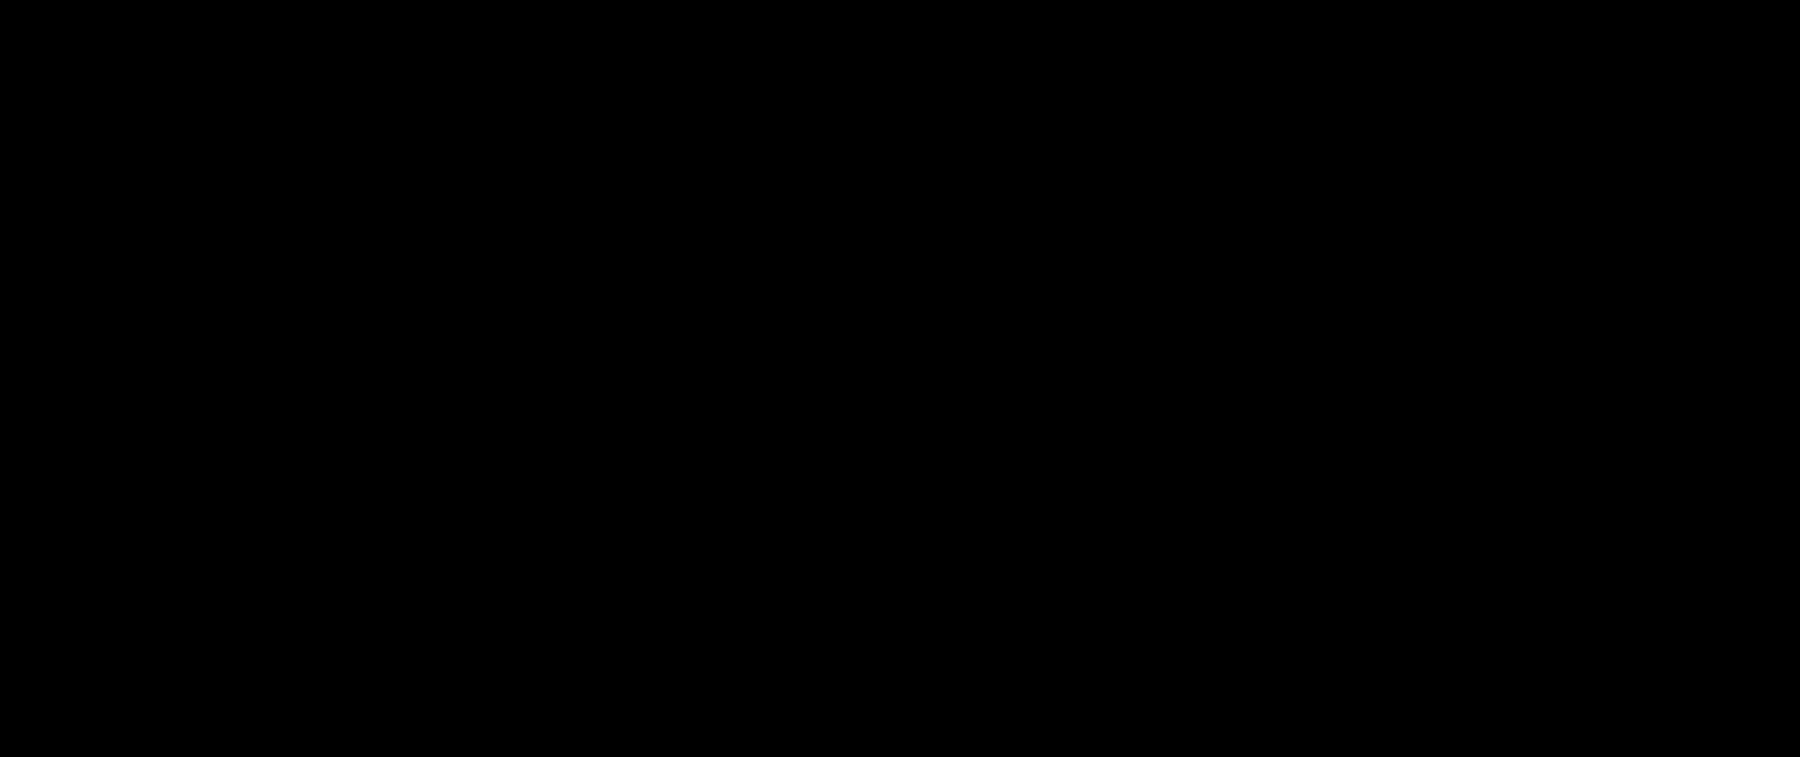 ES_CSP_logo-2020_BN_Orizzontale-Positivo-1